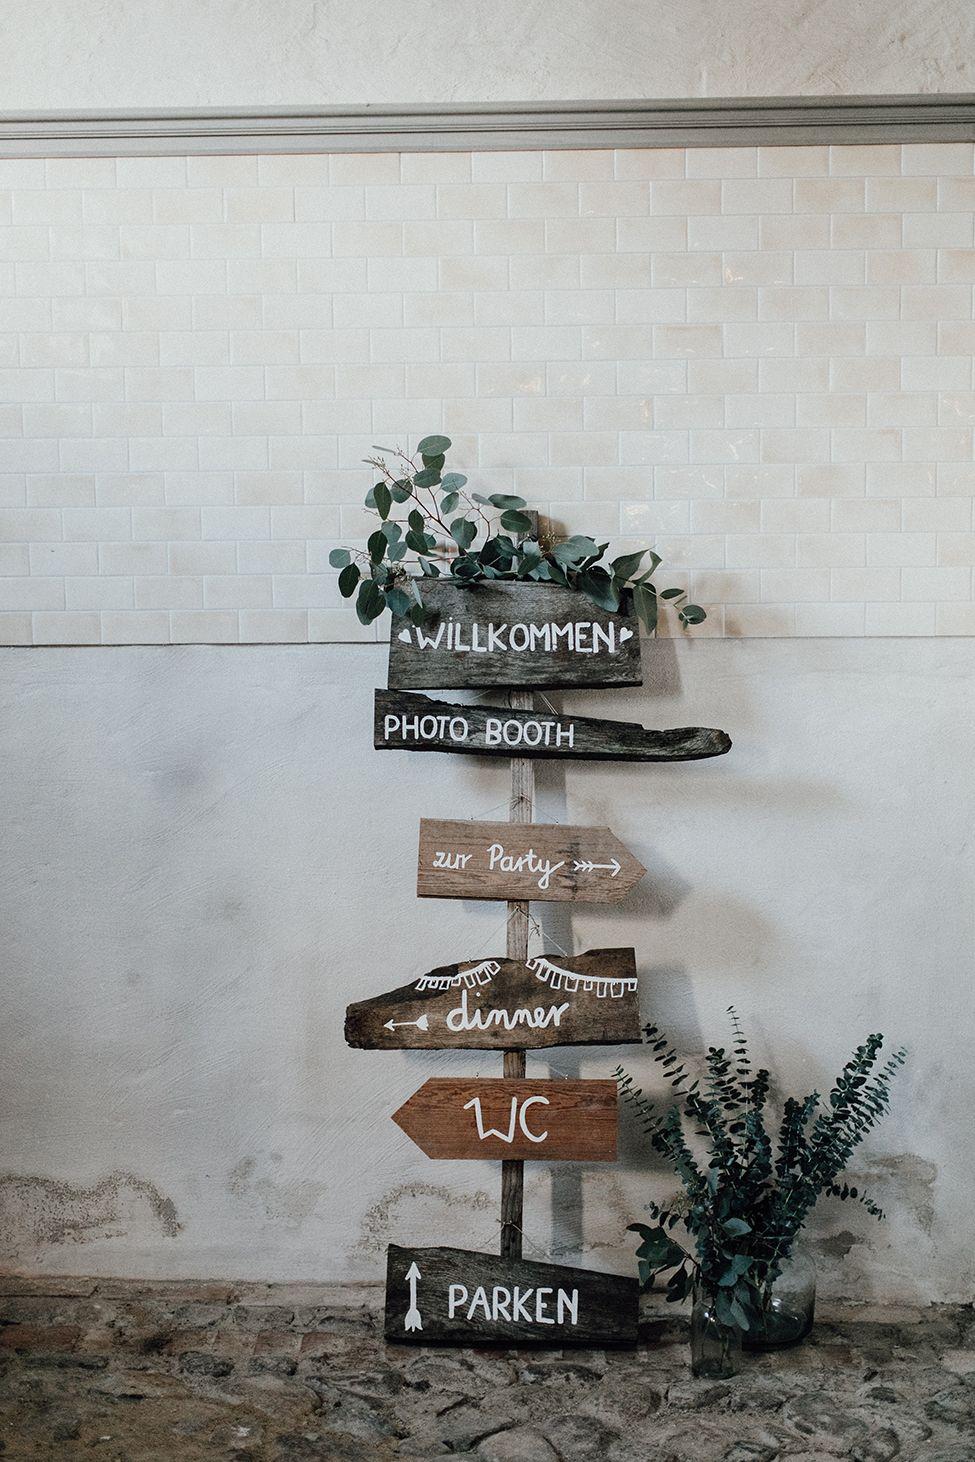 Wegweiser und Schilder für Hochzeit, Hochzeitsdeko Schilder #wegweiser #schilder #hochzeitsdeko Hochzeitskarten und Dekoverleih von Traumanufaktur nach skandinavischem und mediterranem Design | Hochzeitsblog The Little Wedding Corner